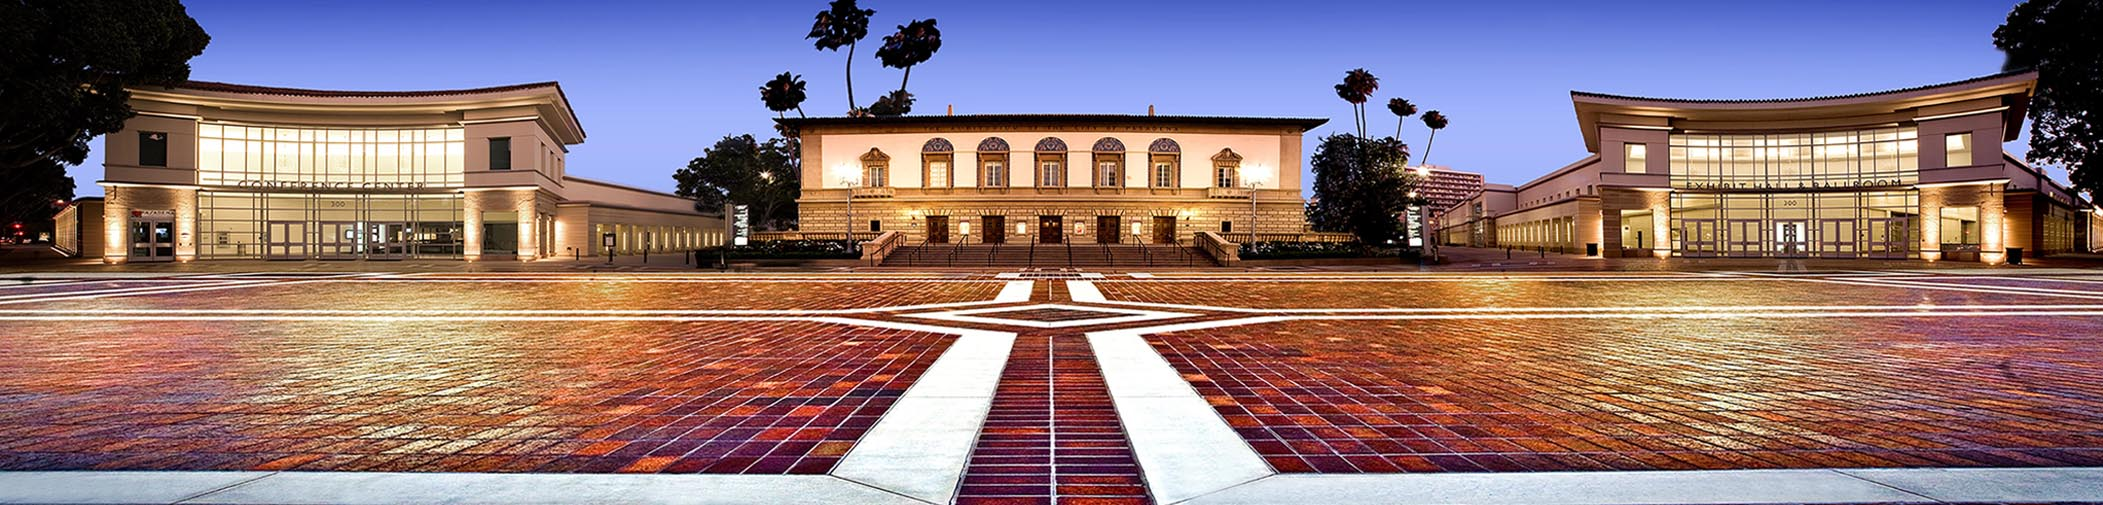 Map Convention Center Pasadena Ca